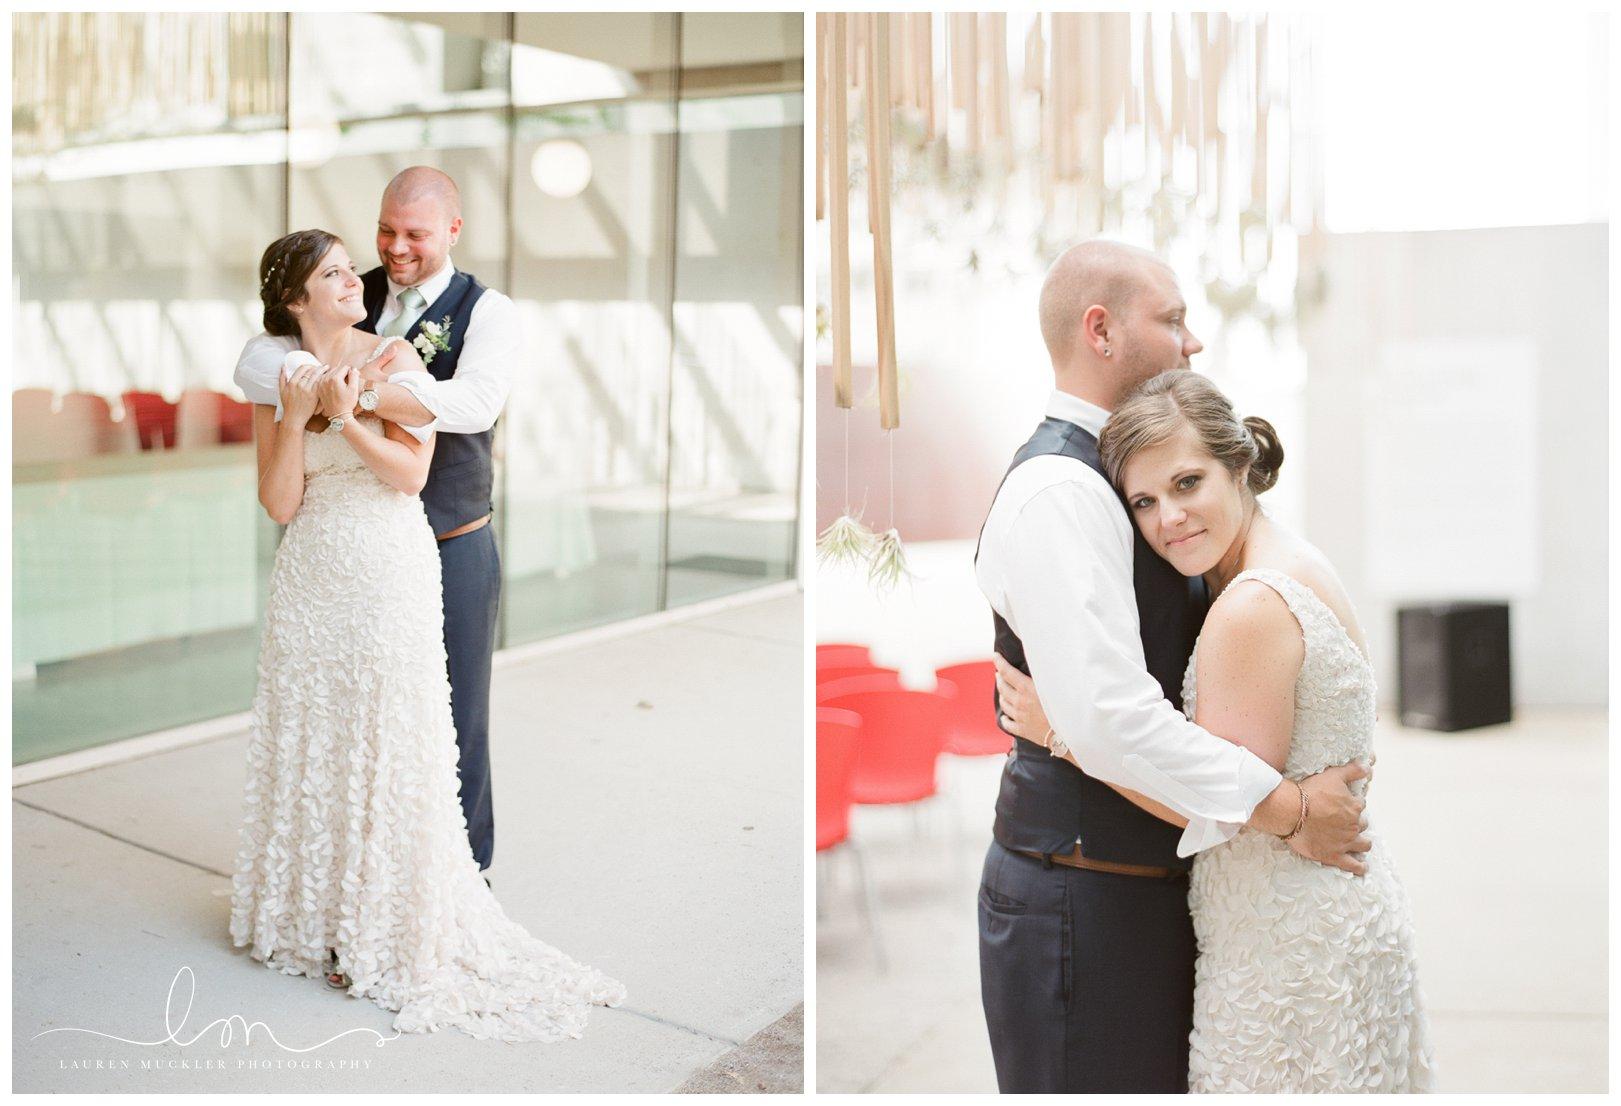 lauren muckler photography_fine art film wedding photography_st louis_photography_0558.jpg